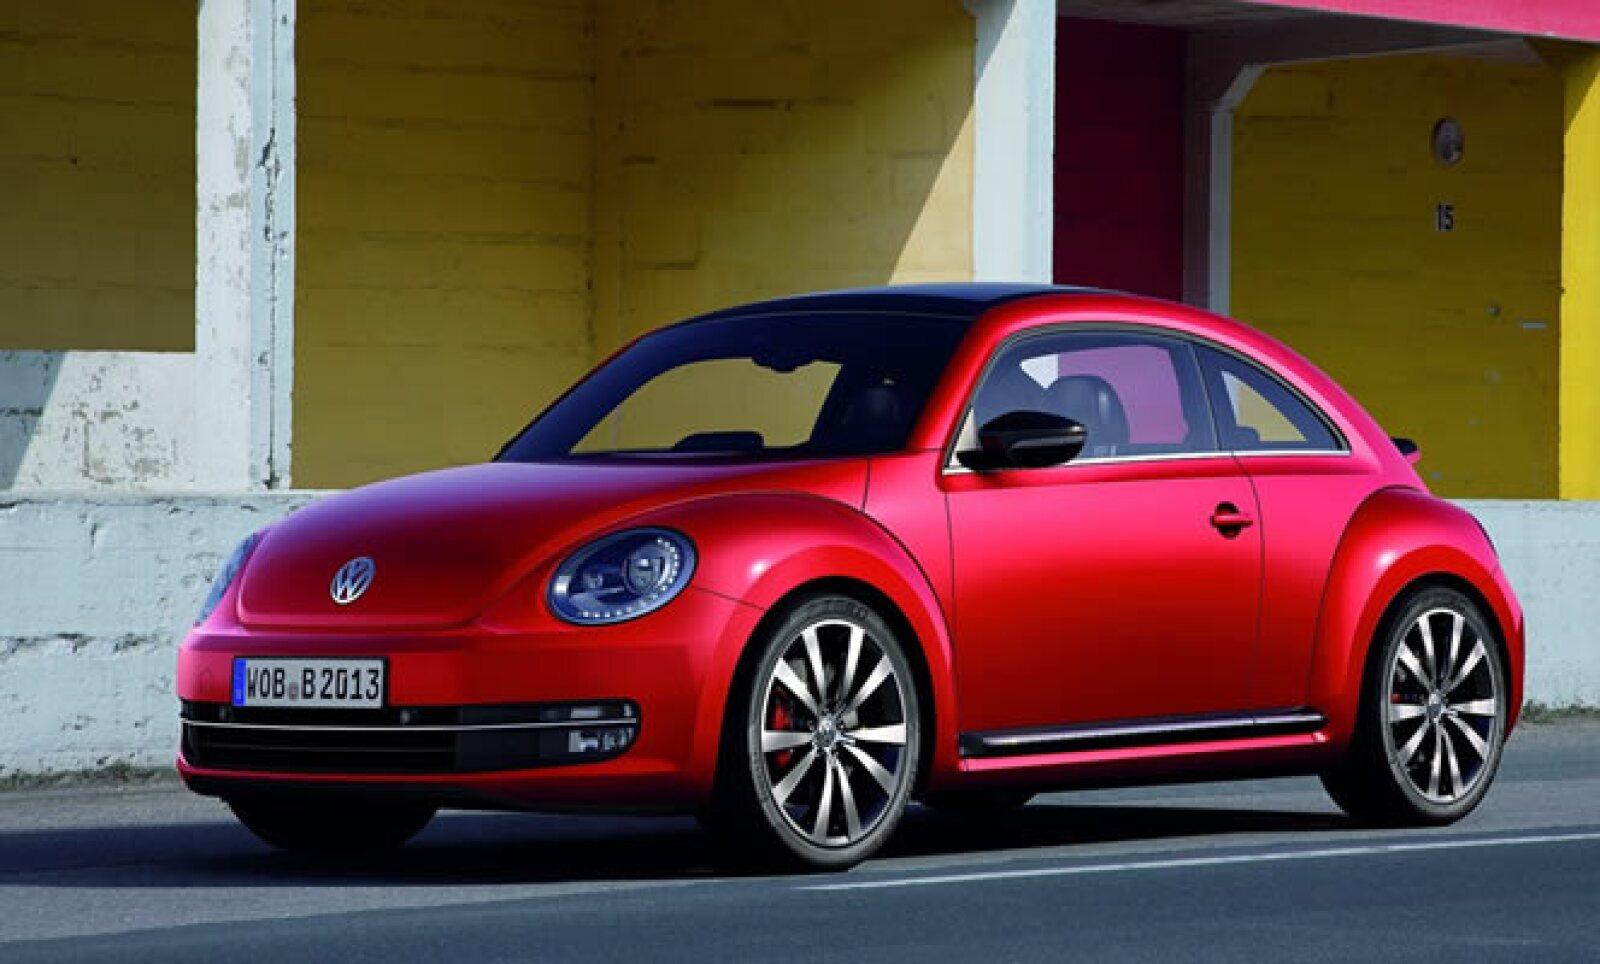 La automotriz alemana Volkswagen rediseñó el icónico Beetle, 13 años después de su introducción al mercado y lo presentó por primera vez en al AutoShow de Shanghai.